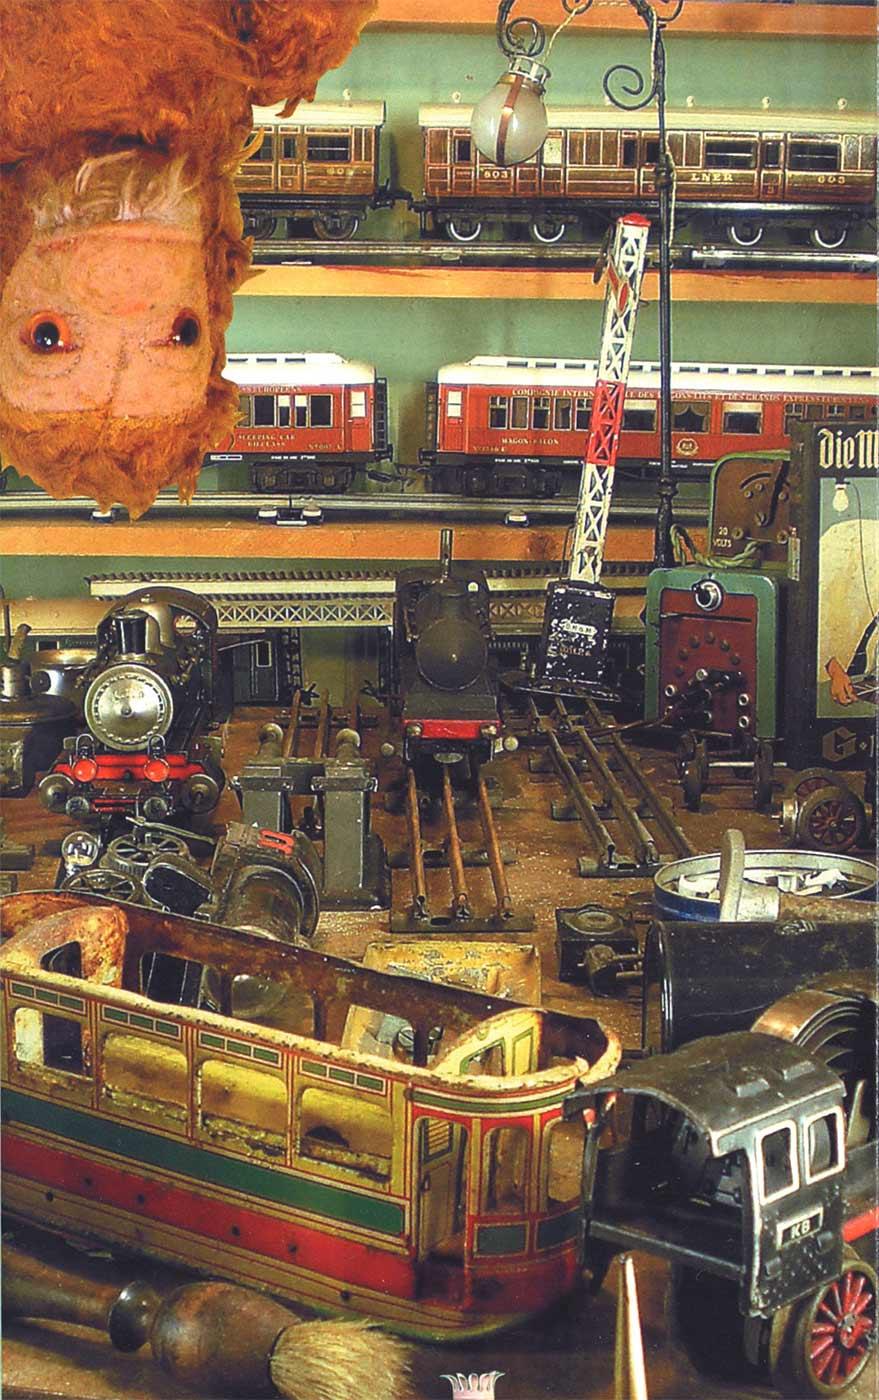 Mitteldeutsches eisenbahn und spielzeugmuseum museum find